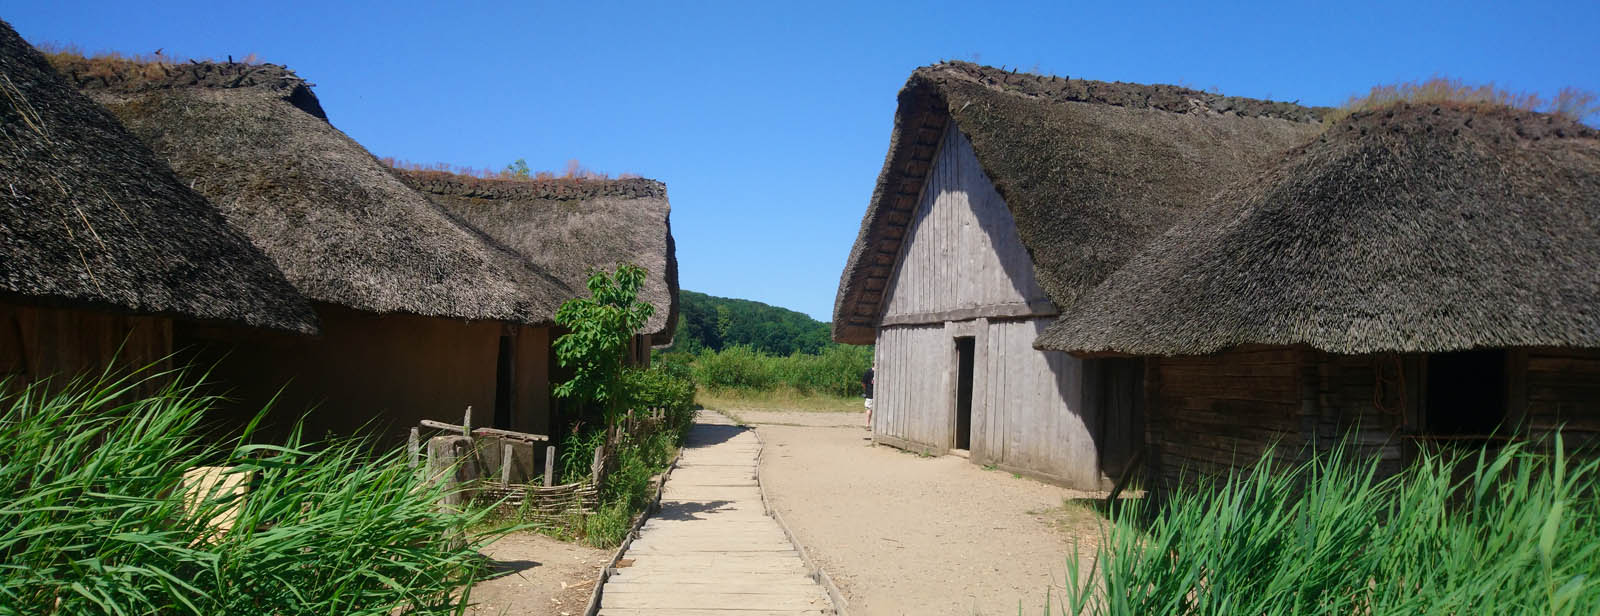 Haithabu - Wikingersiedlung an der Schlei